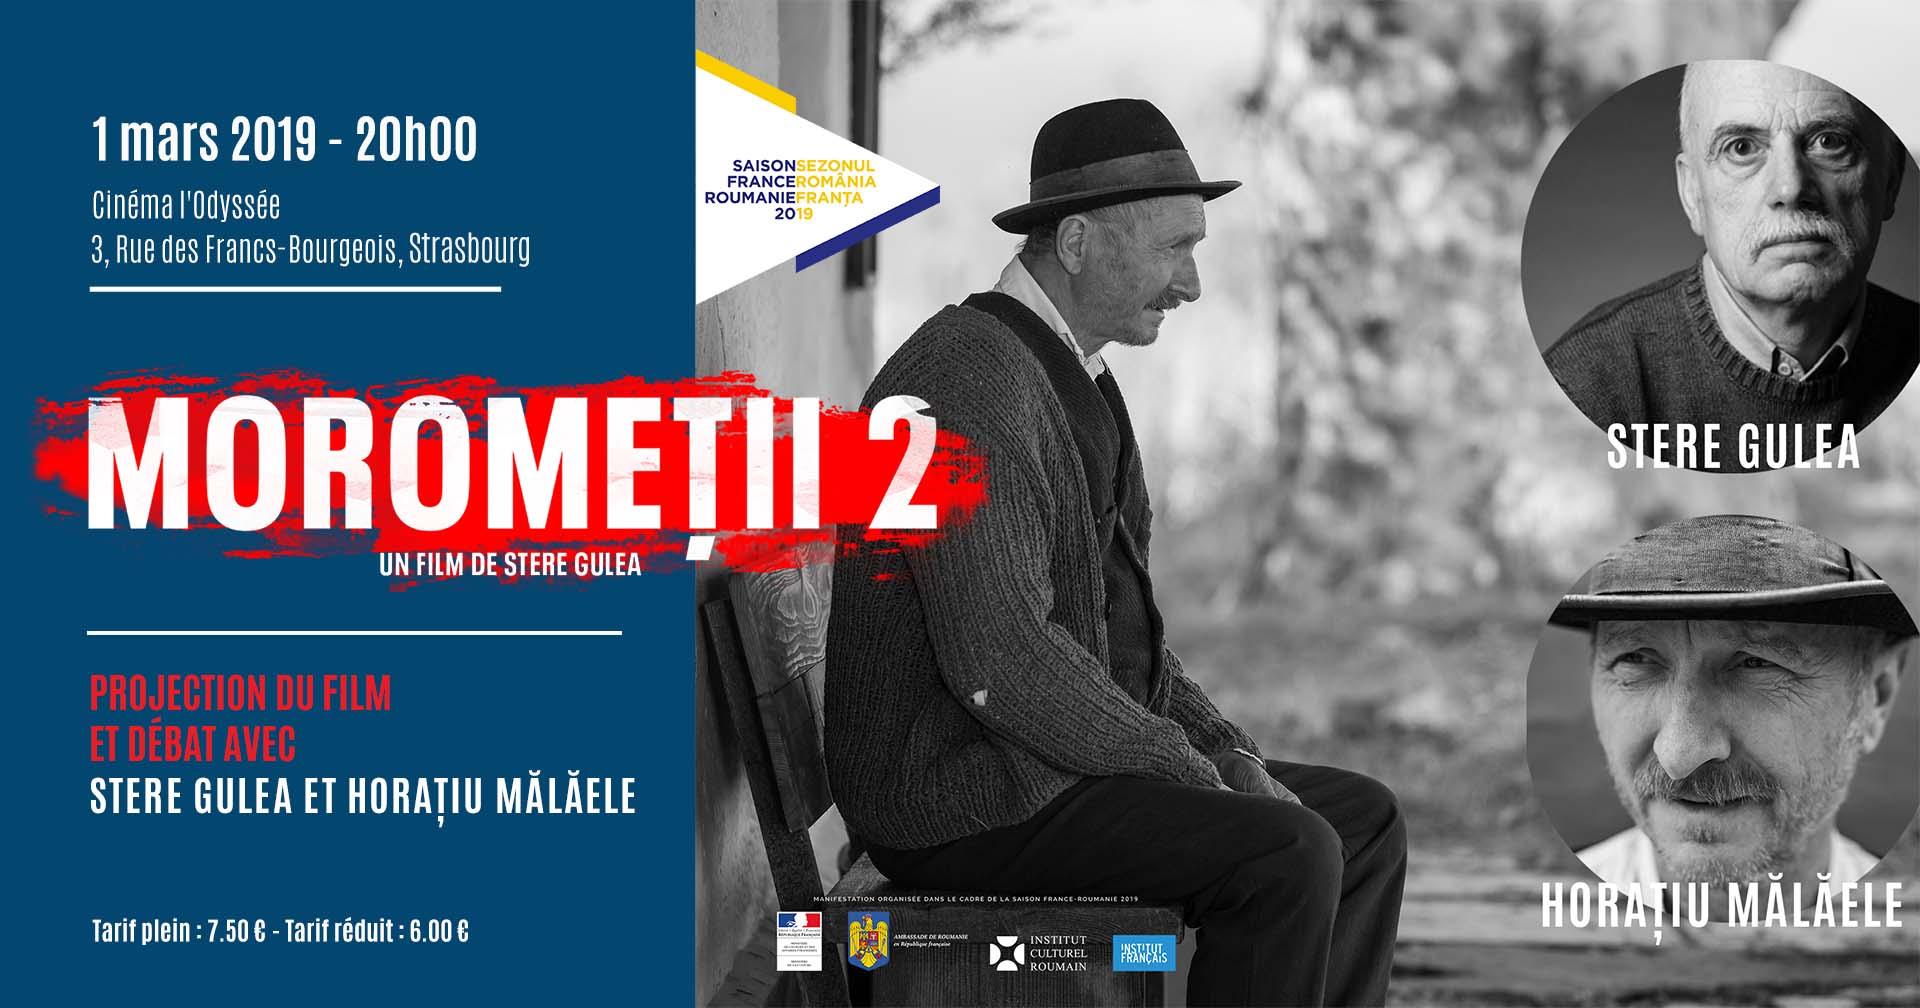 Morometii 2 saison france roumanie 2019